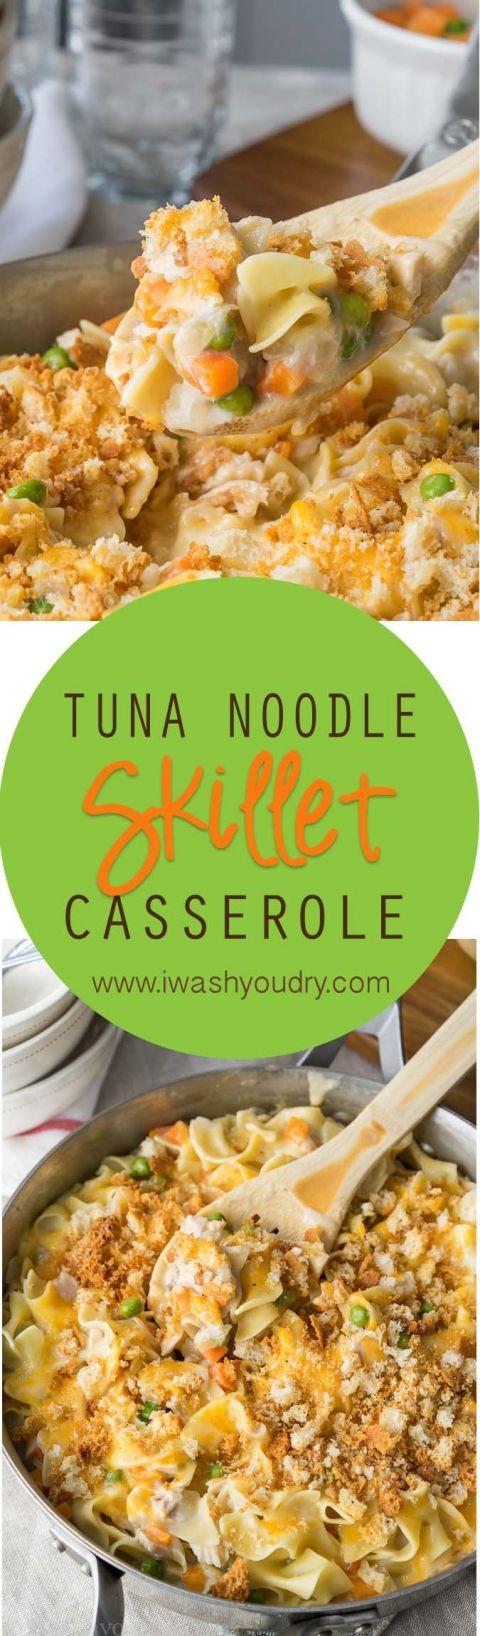 Healthy Tuna Noodle Casserole Recipe  Best 10 Tuna casserole recipes ideas on Pinterest